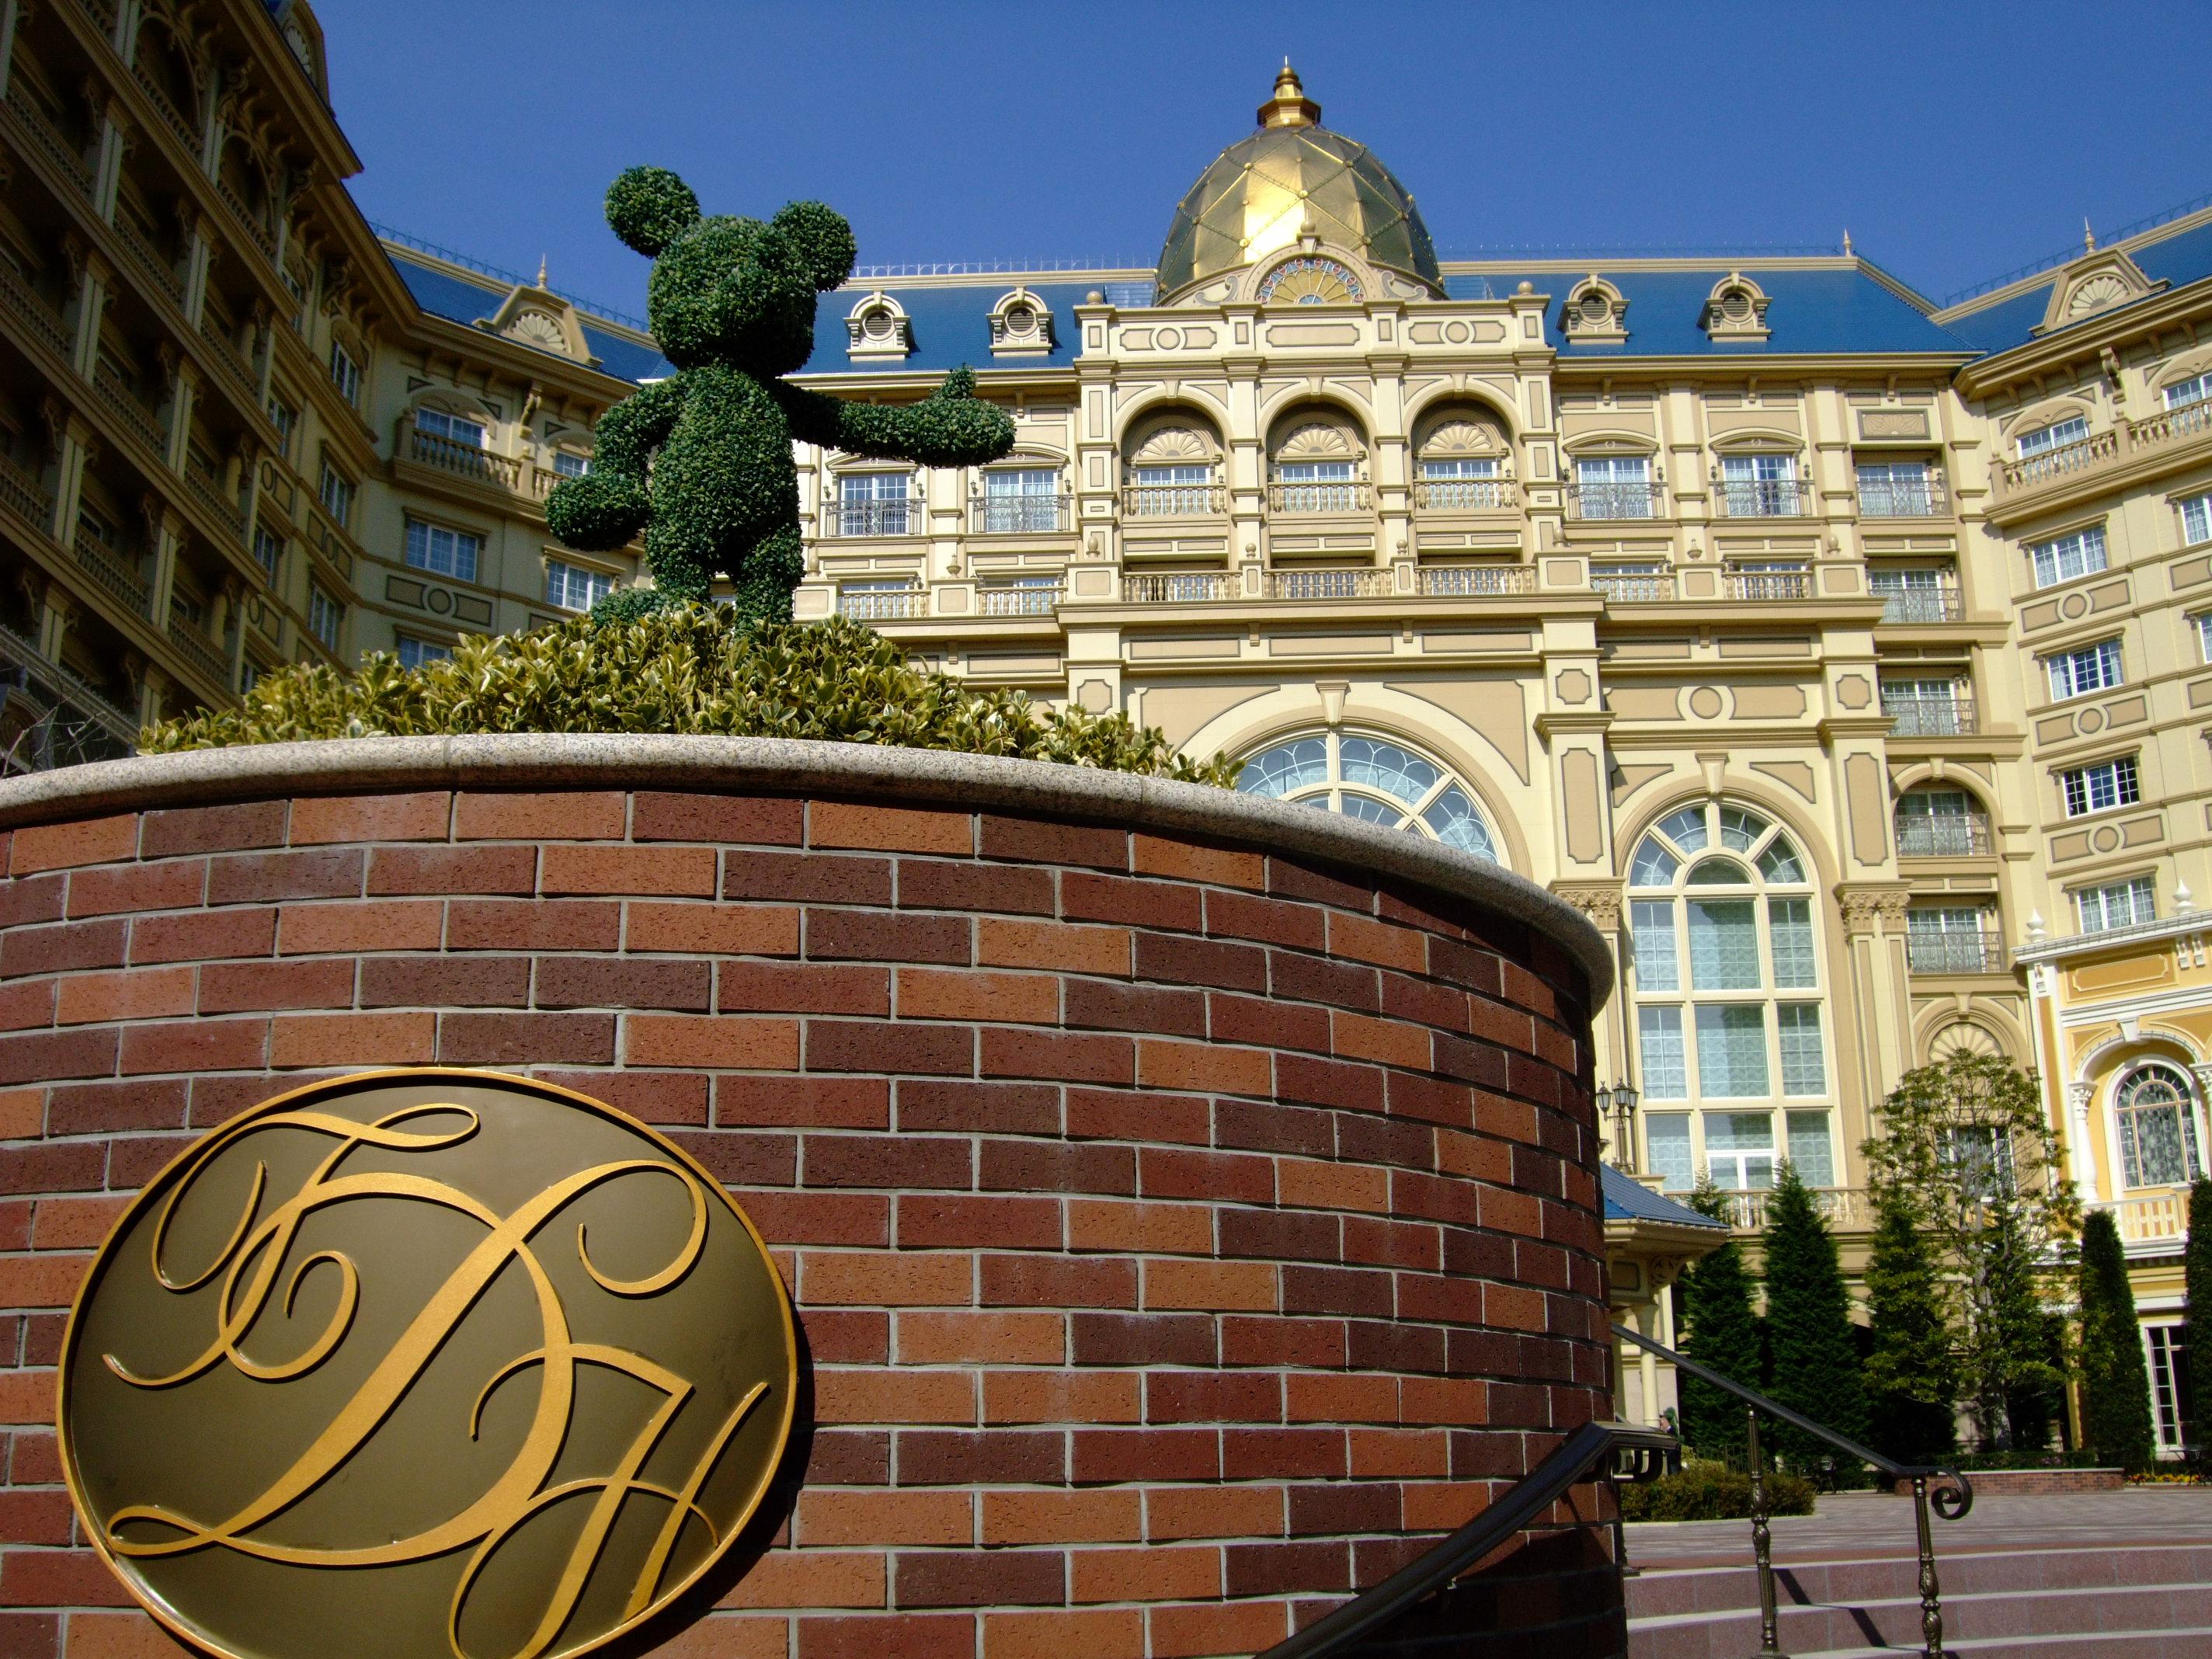 ディズニーランドホテル☆birthday宿泊☆』東京ディズニーリゾート